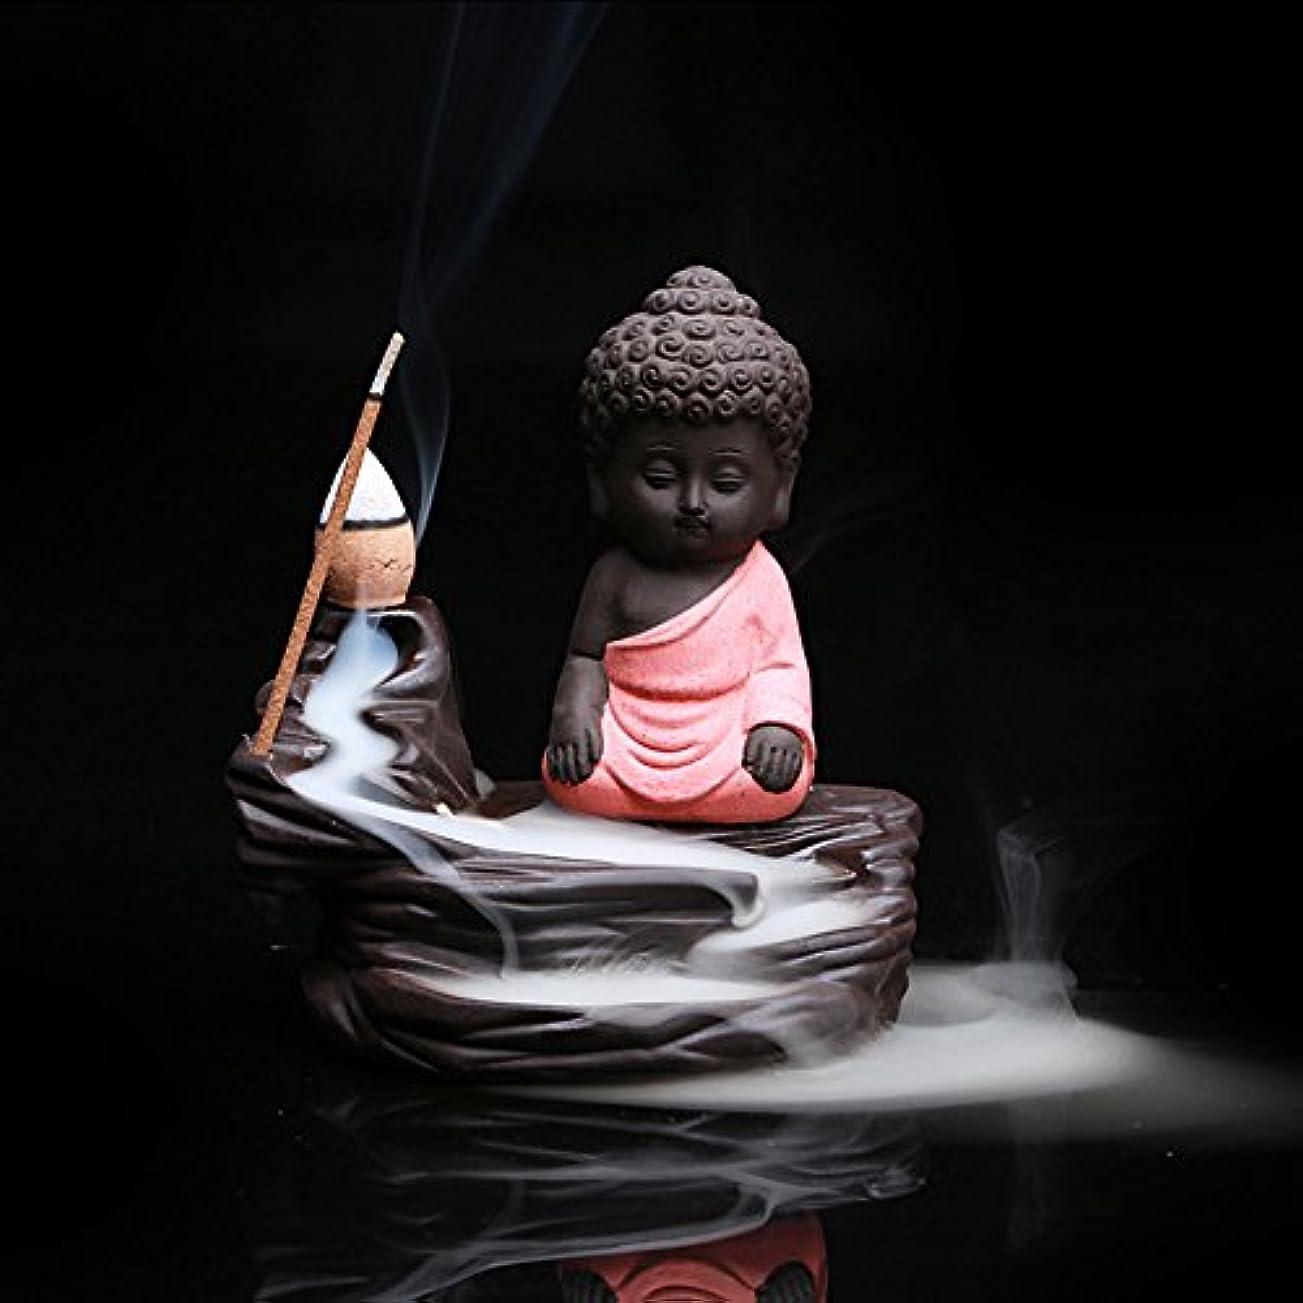 デジタル王女指導するクリエイティブ逆流香炉コーンスティックホルダーSmall BuddhaセラミックCenserホーム部屋装飾 12.0*12.0*6.0cm レッド Colorado